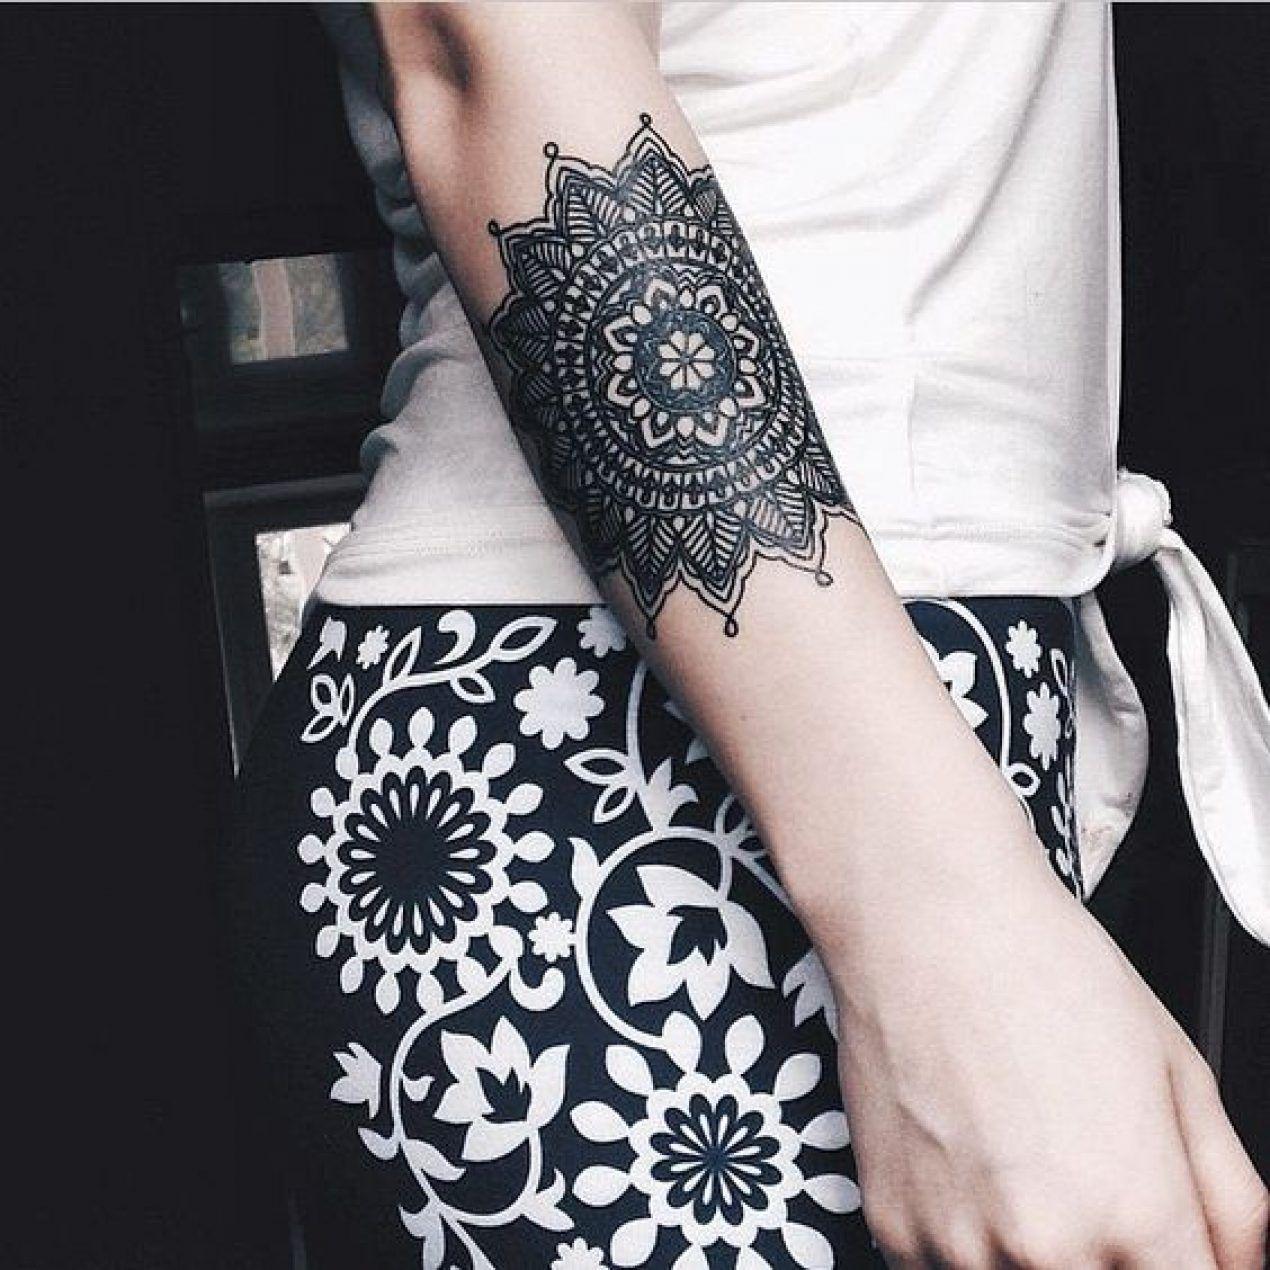 Tatuajes Mandalas Ideas De Diseños Místicos Y Significado Tatu